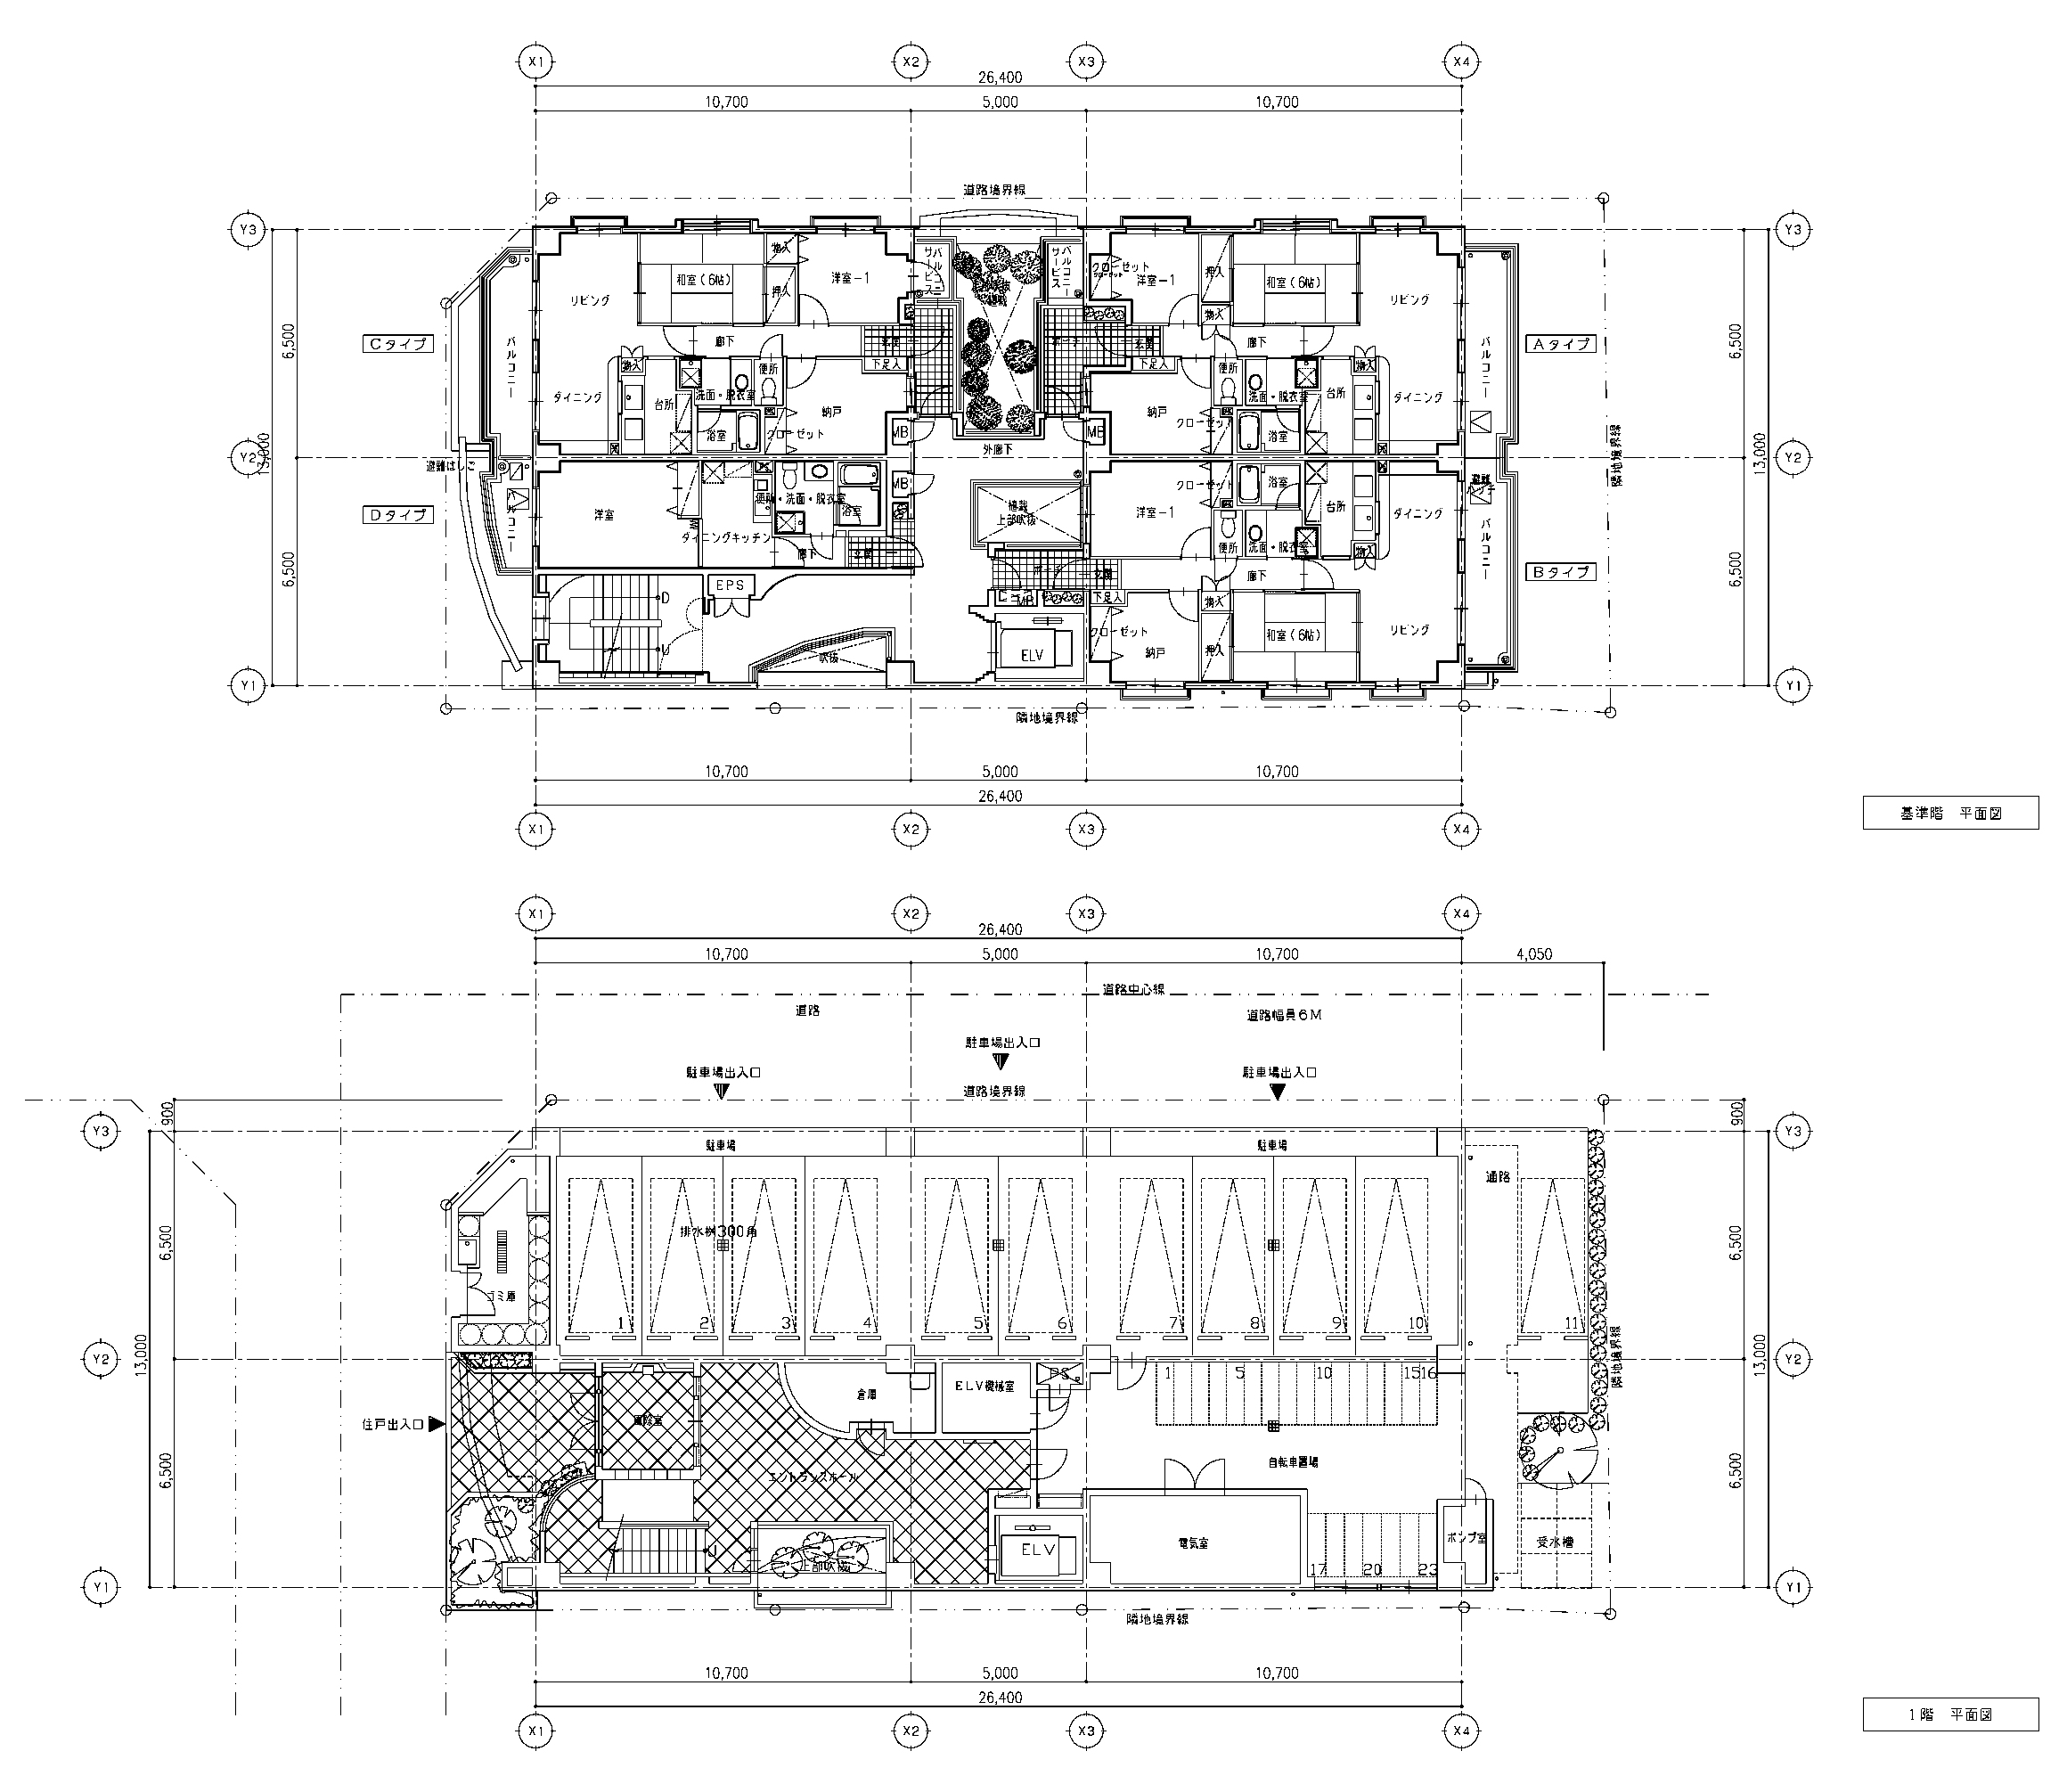 ラスベク変換サンプル:建築図面